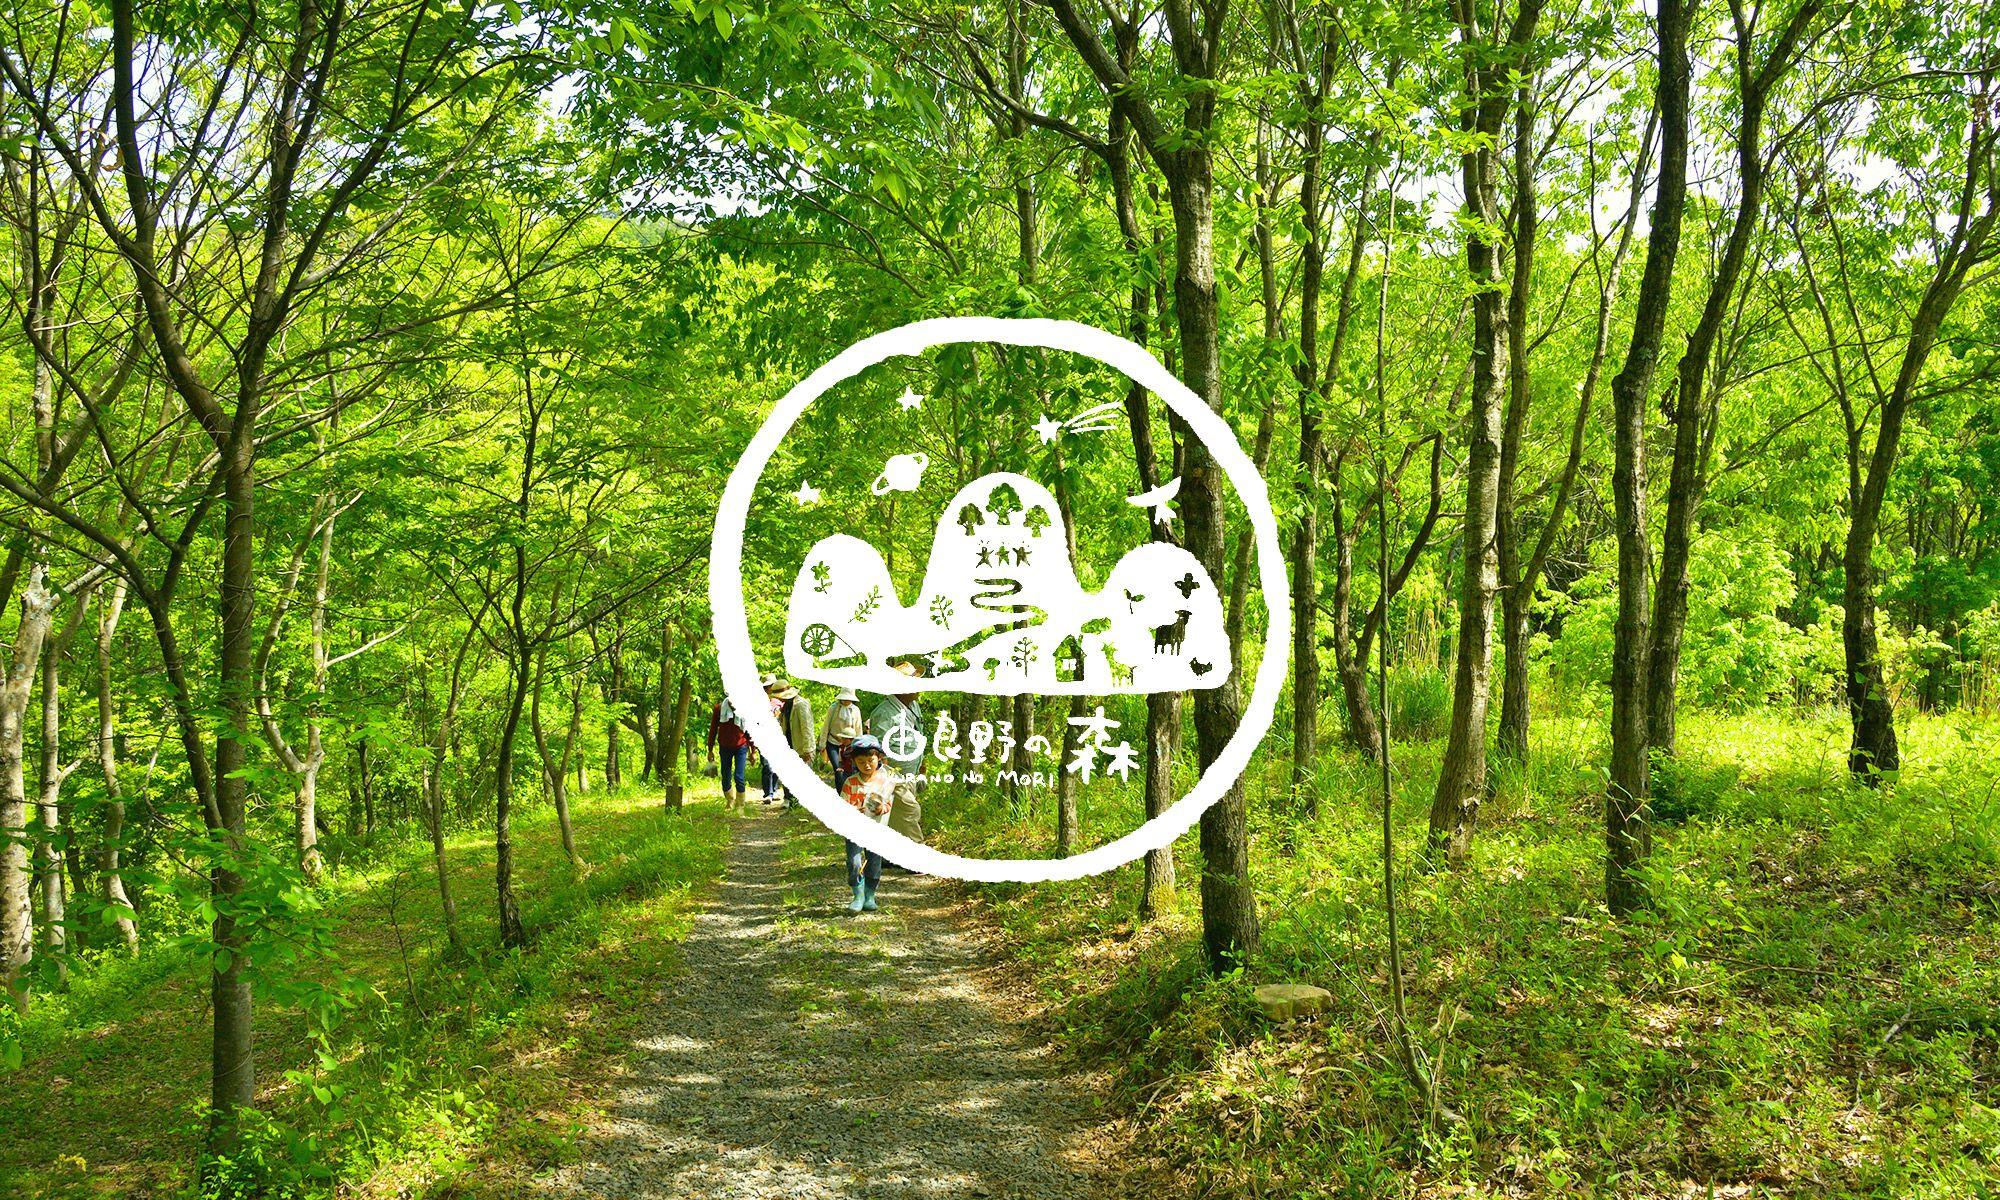 由良野の森(愛媛・久万高原) 豊かな里山環境での生活体験や学習・文化交流